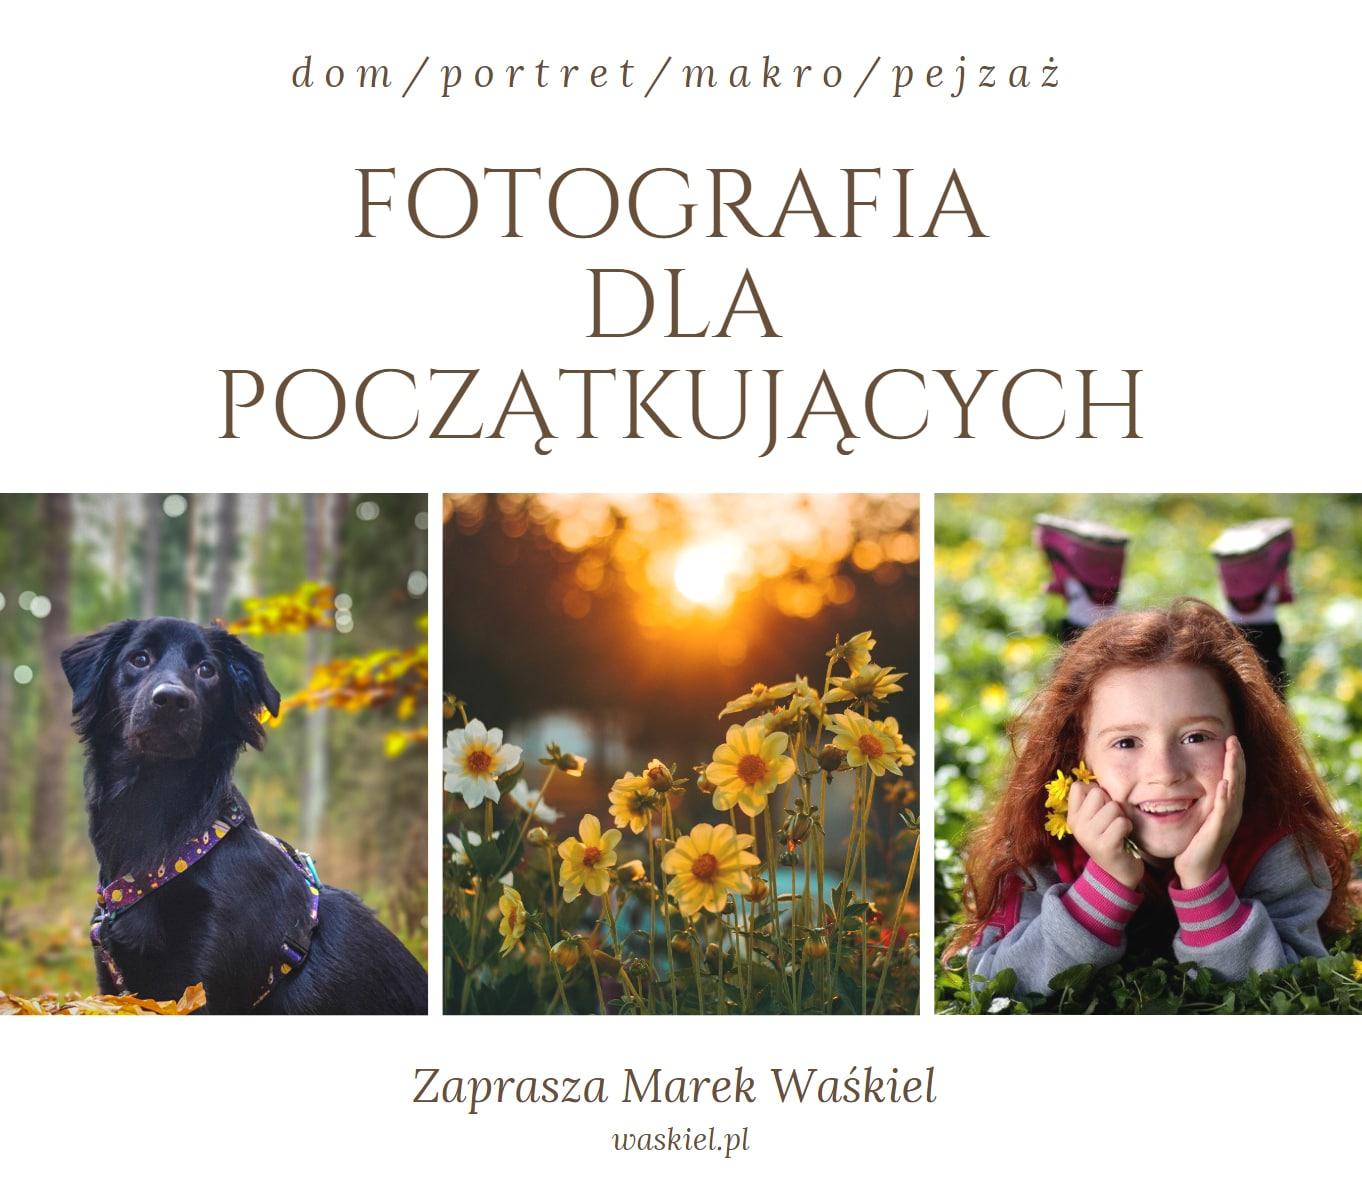 Obraz przedstawiający jak wygląda kurs fotografii online dla początkujących.